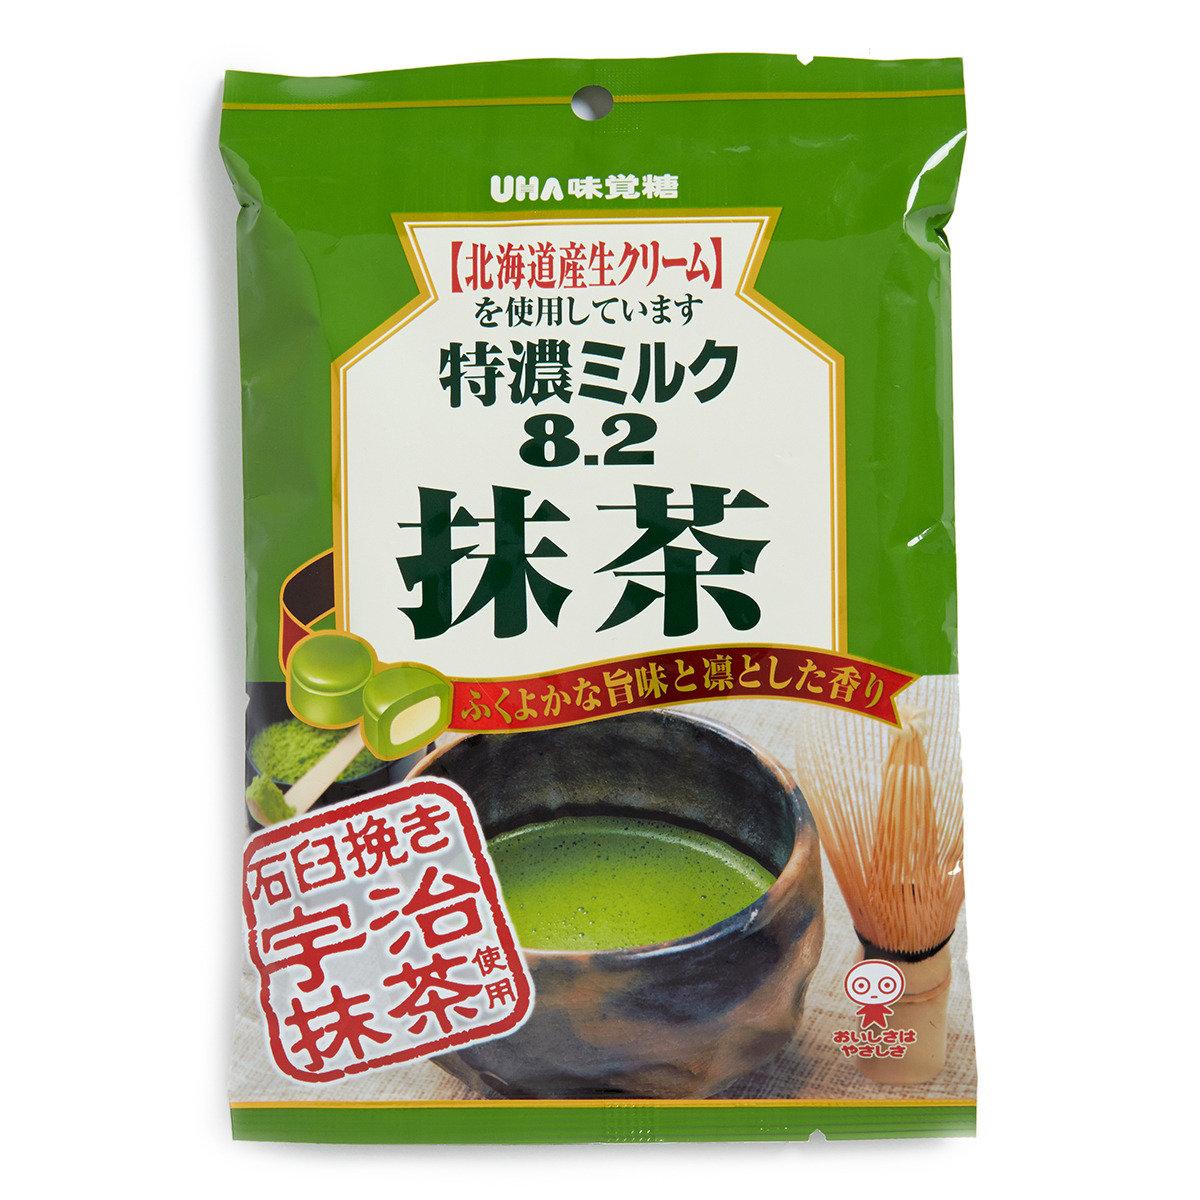 8.2特濃抹茶牛奶糖 (包裝)